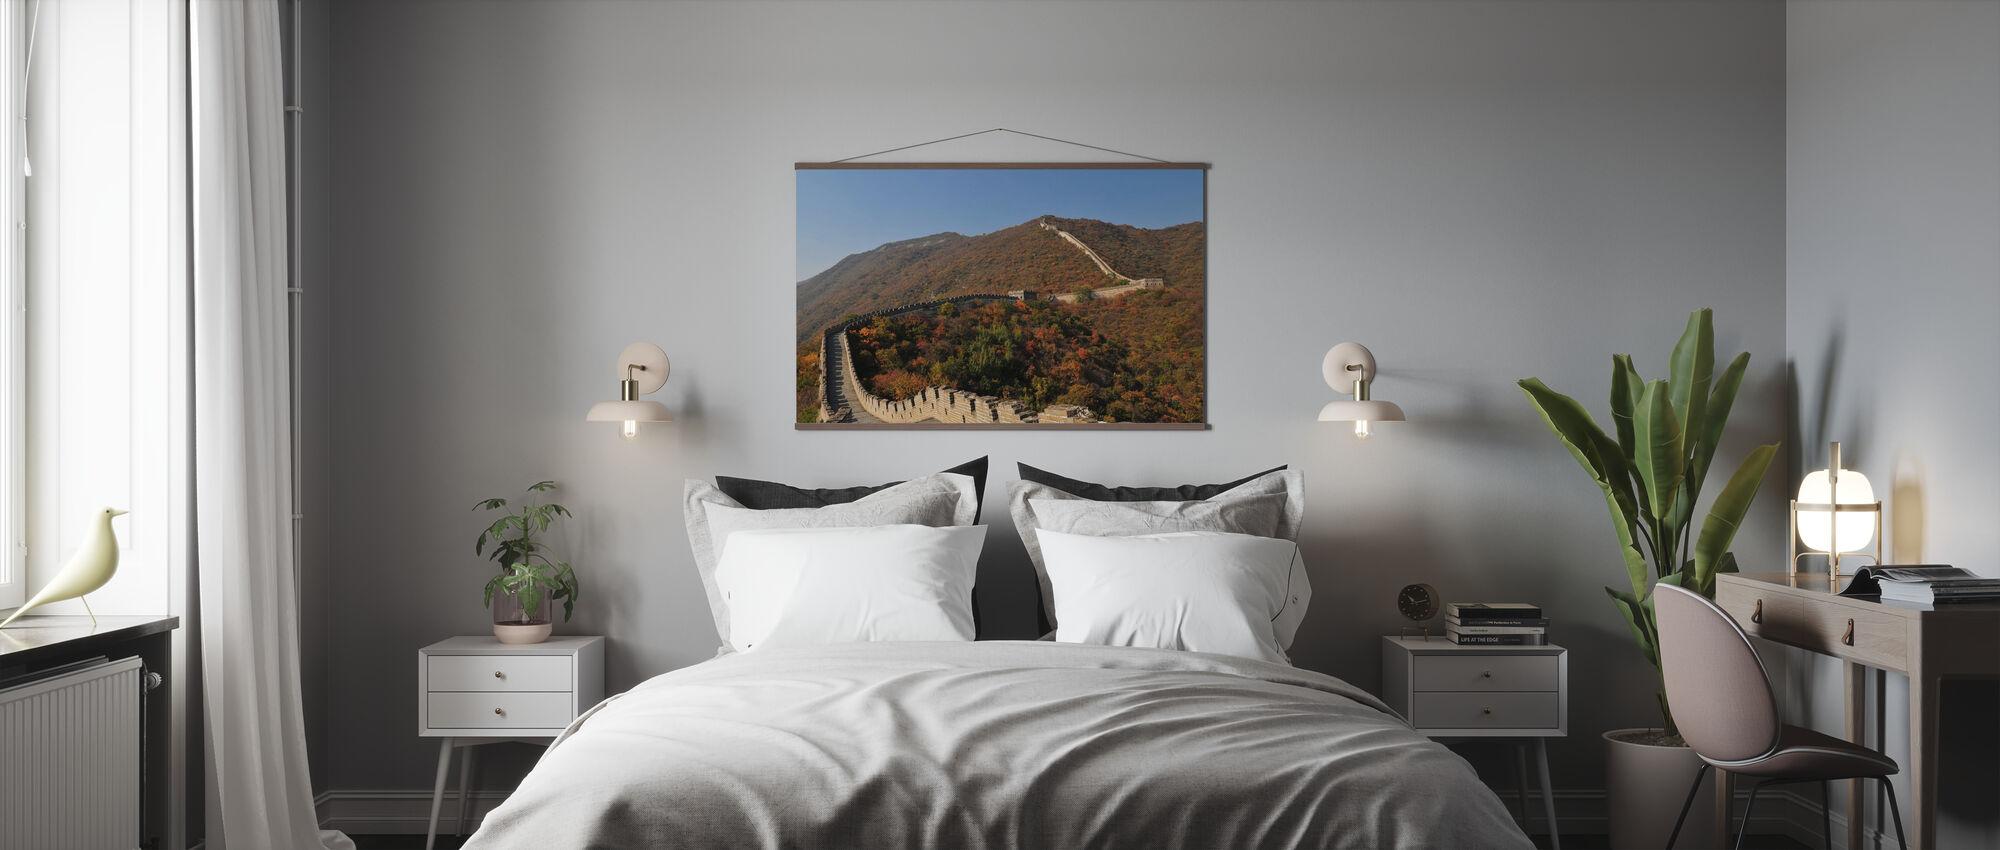 Den kinesiske mur i høst - Plakat - Soverom